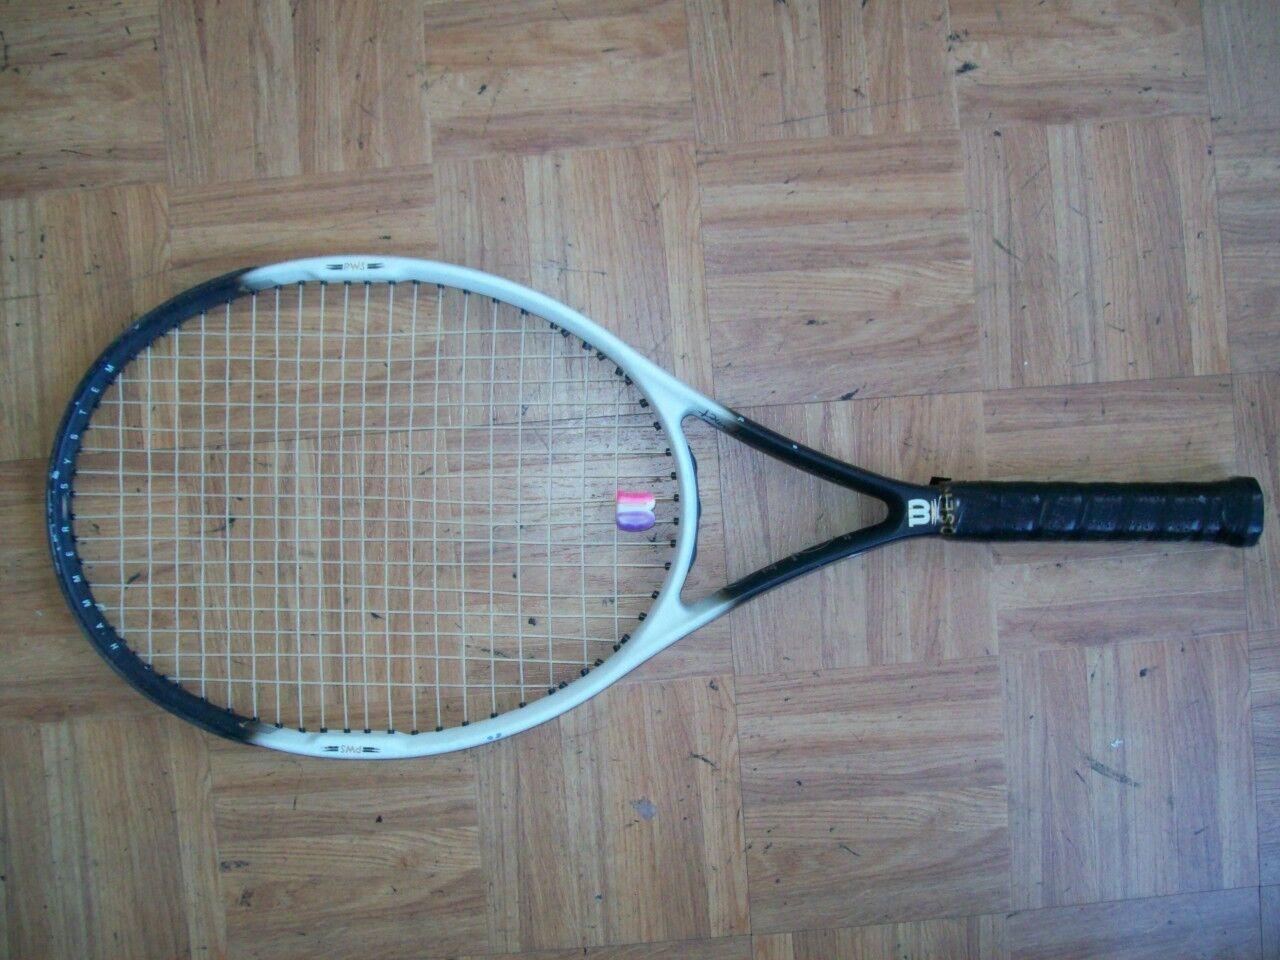 Wilson Hammer 6.2 OS 110 head 4 5/8 Tennis Racquet